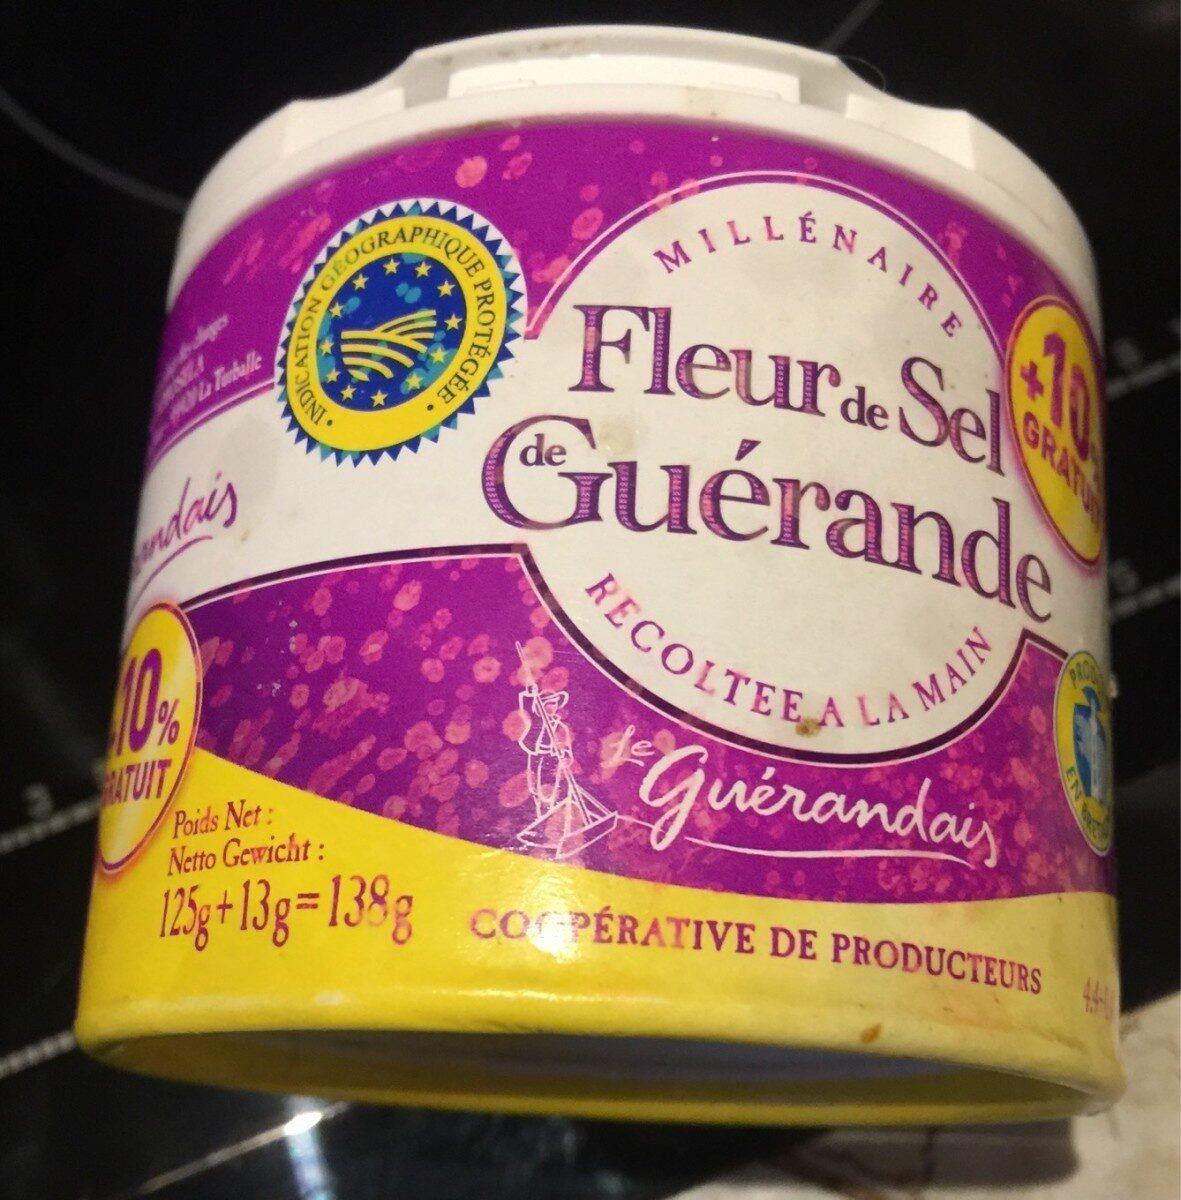 Fleur de sel de Guerandes - Product - fr